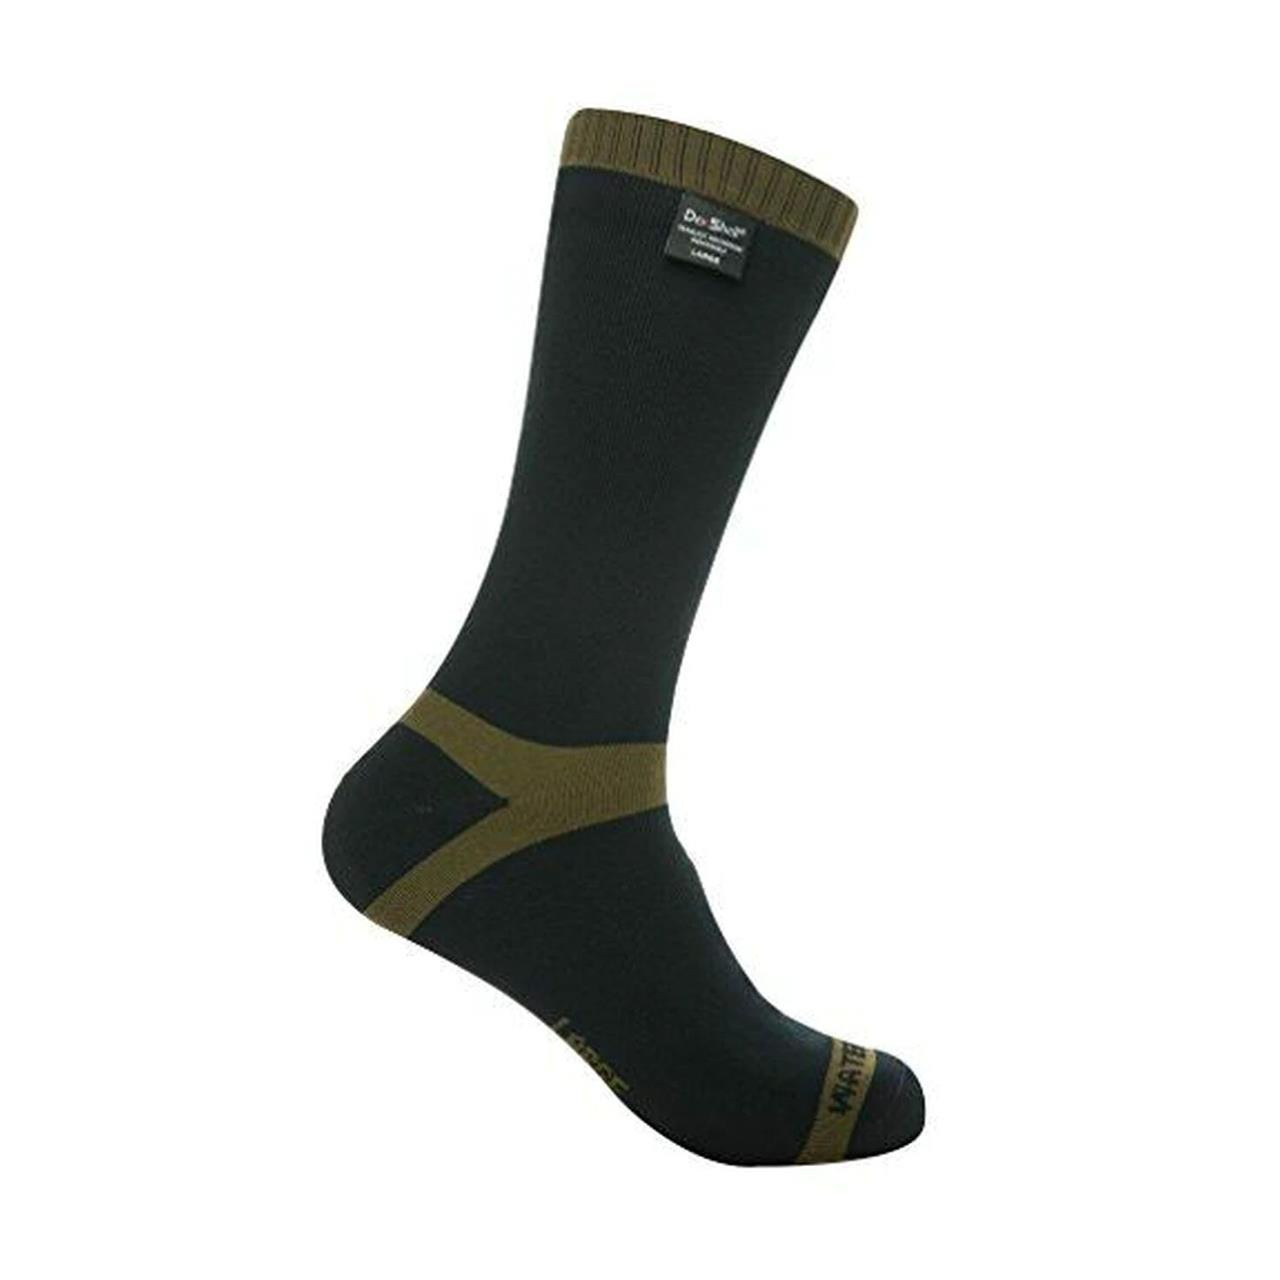 DexShell Waterproof Trekking Socks, Size 3-5